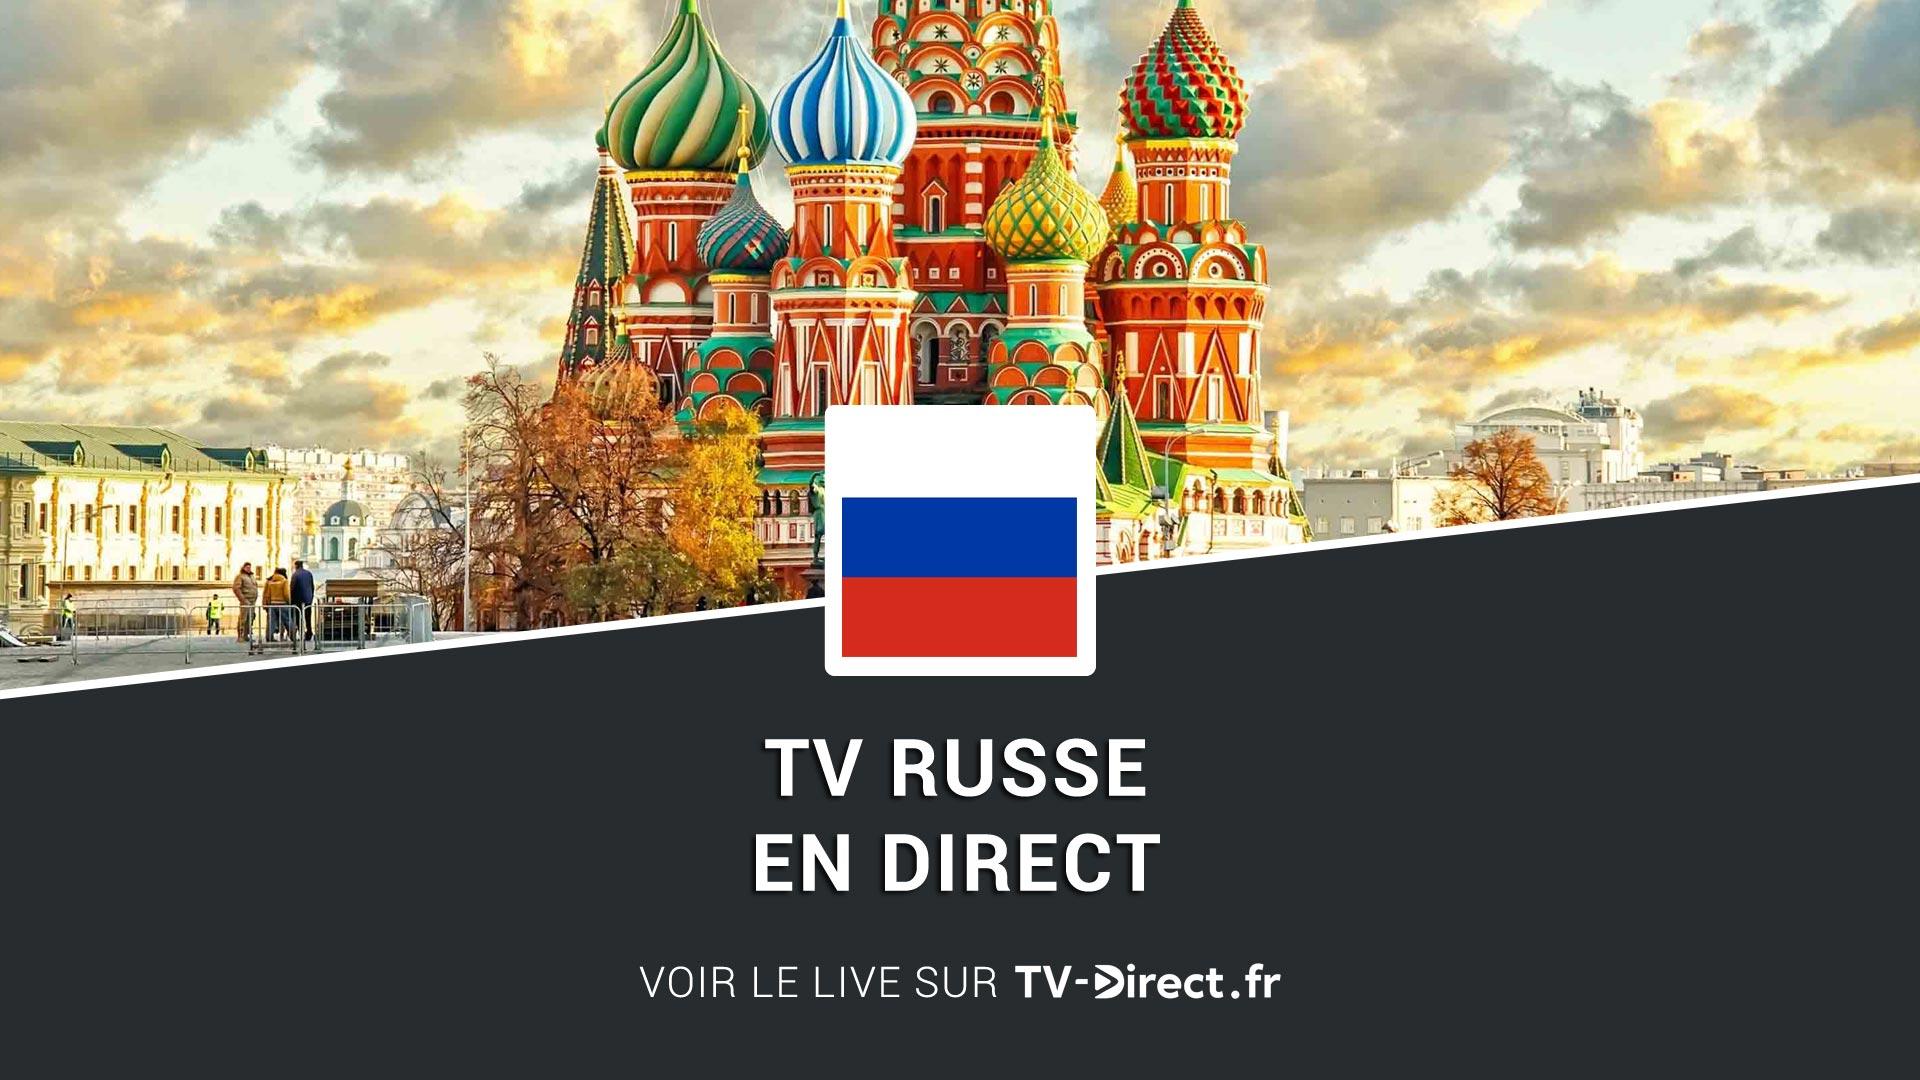 russie tv en direct sur internet tv russe en direct. Black Bedroom Furniture Sets. Home Design Ideas